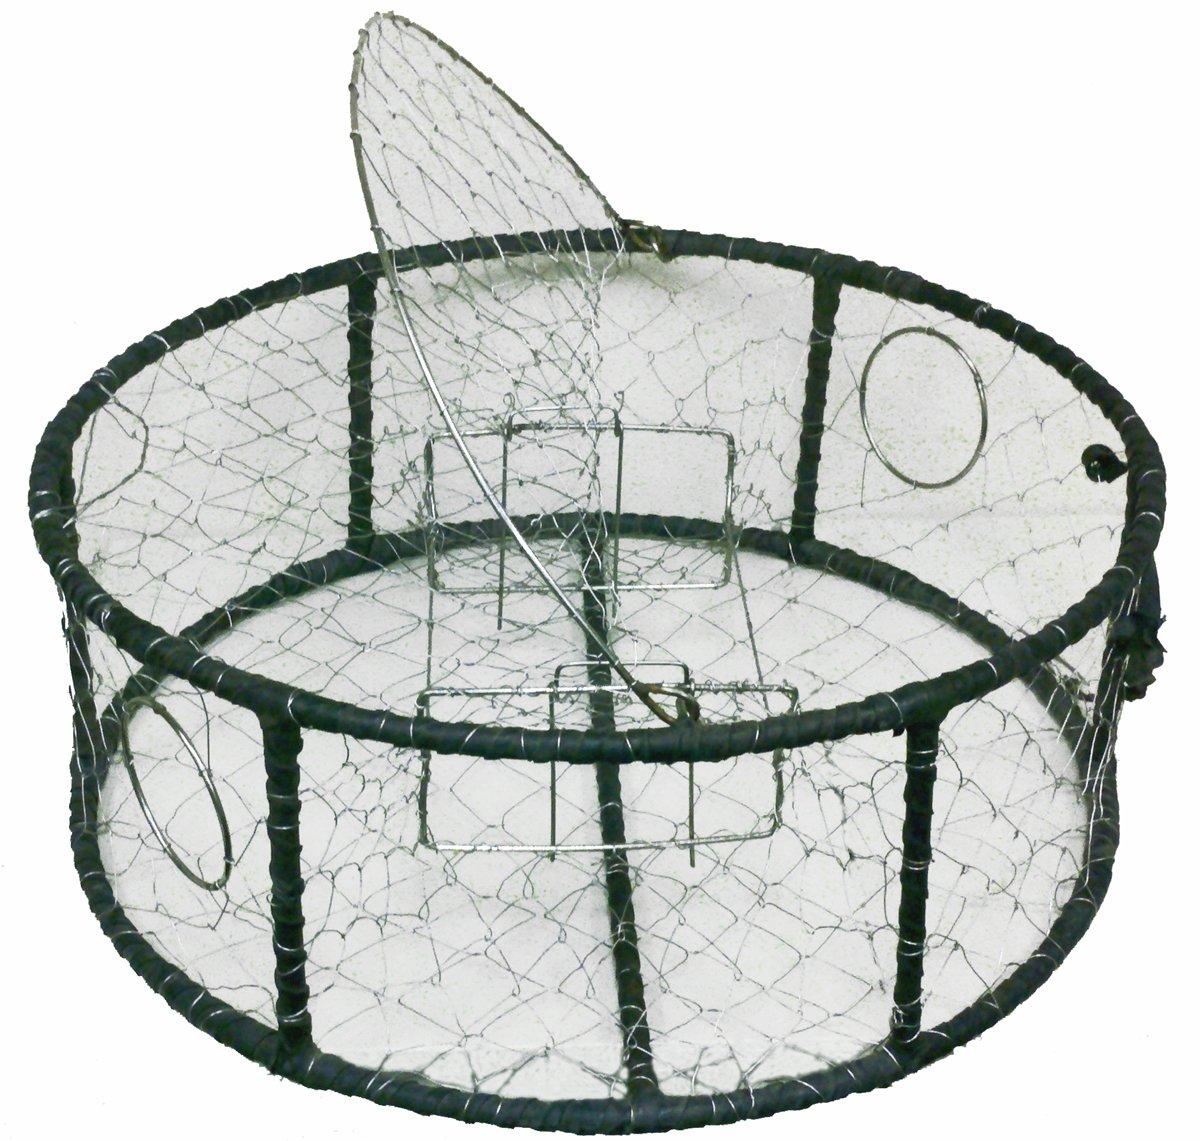 Promar Stainless Steel Mesh Crab Pot Rubber Wrap Rebar